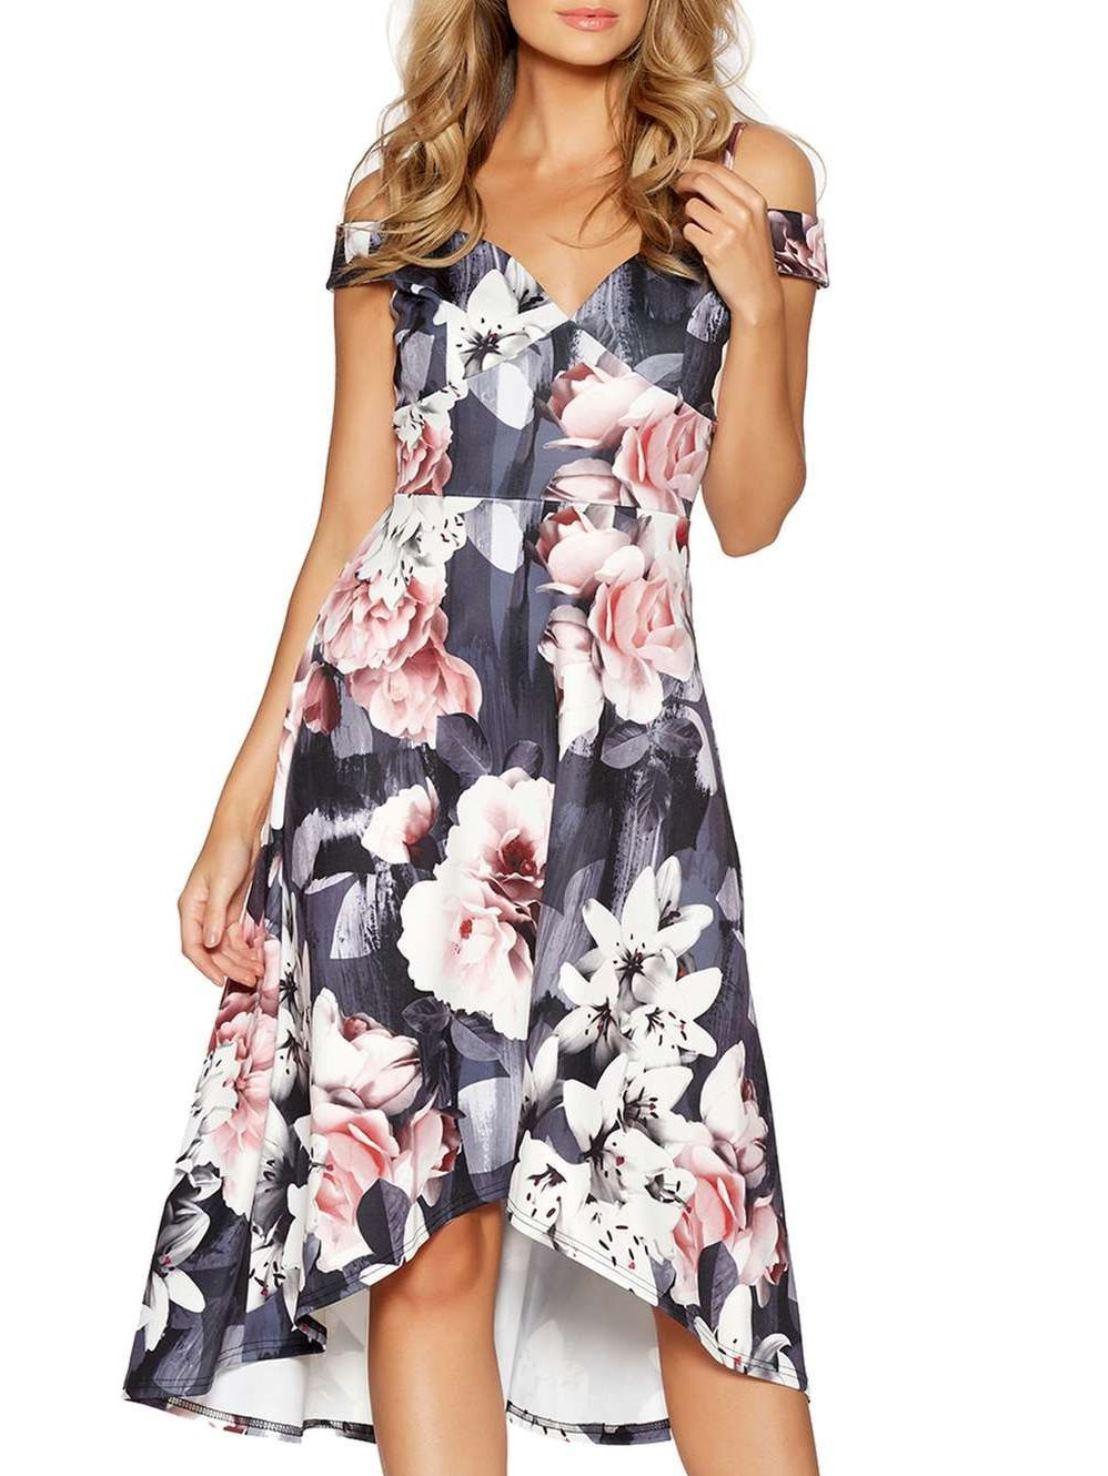 Цветочное платье c декольте Quiz Серый Free Style